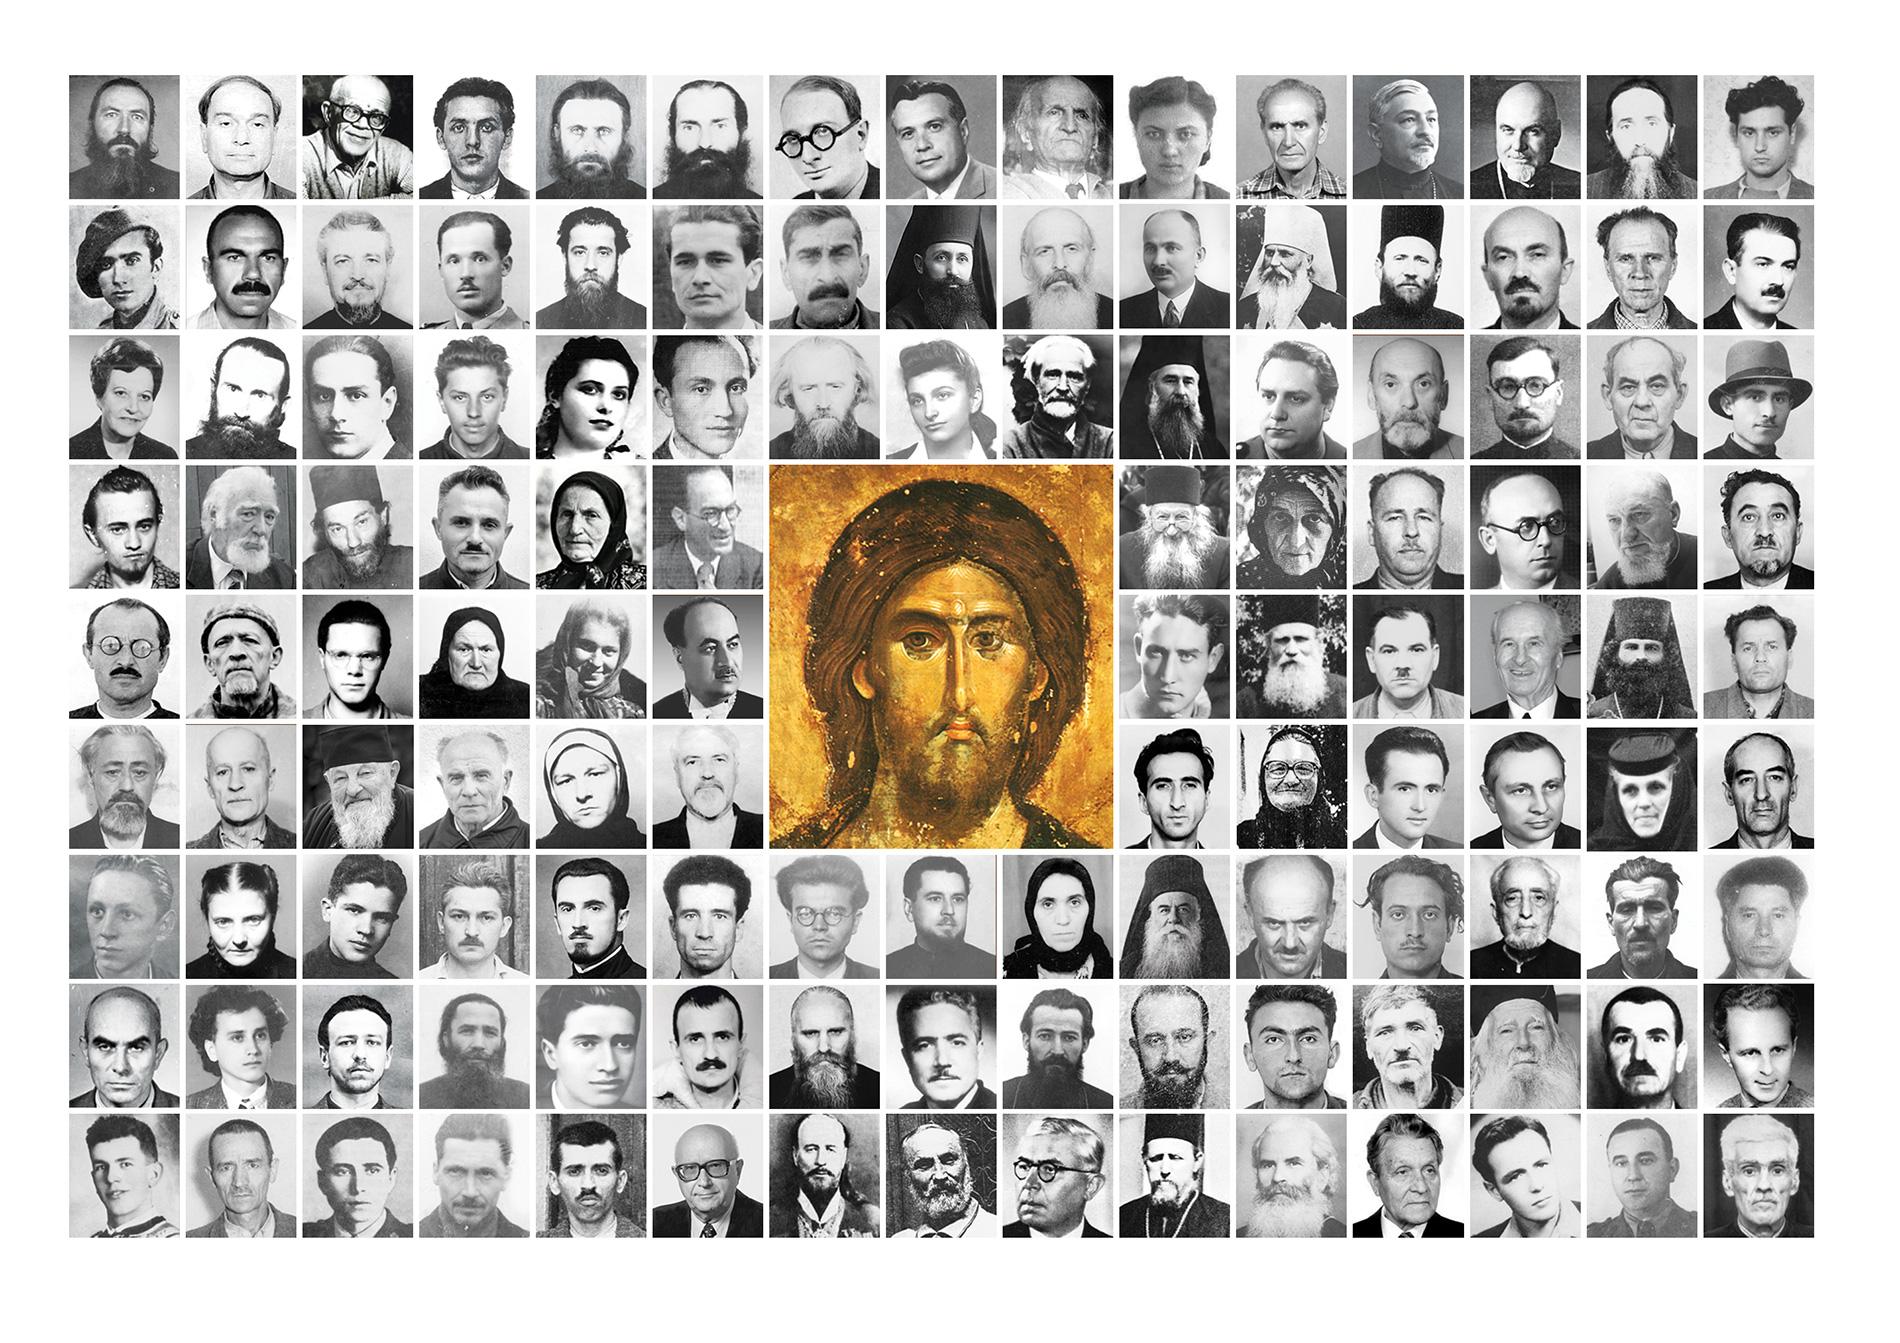 Marturisitori si martiri cu Hristos in temnita ALB